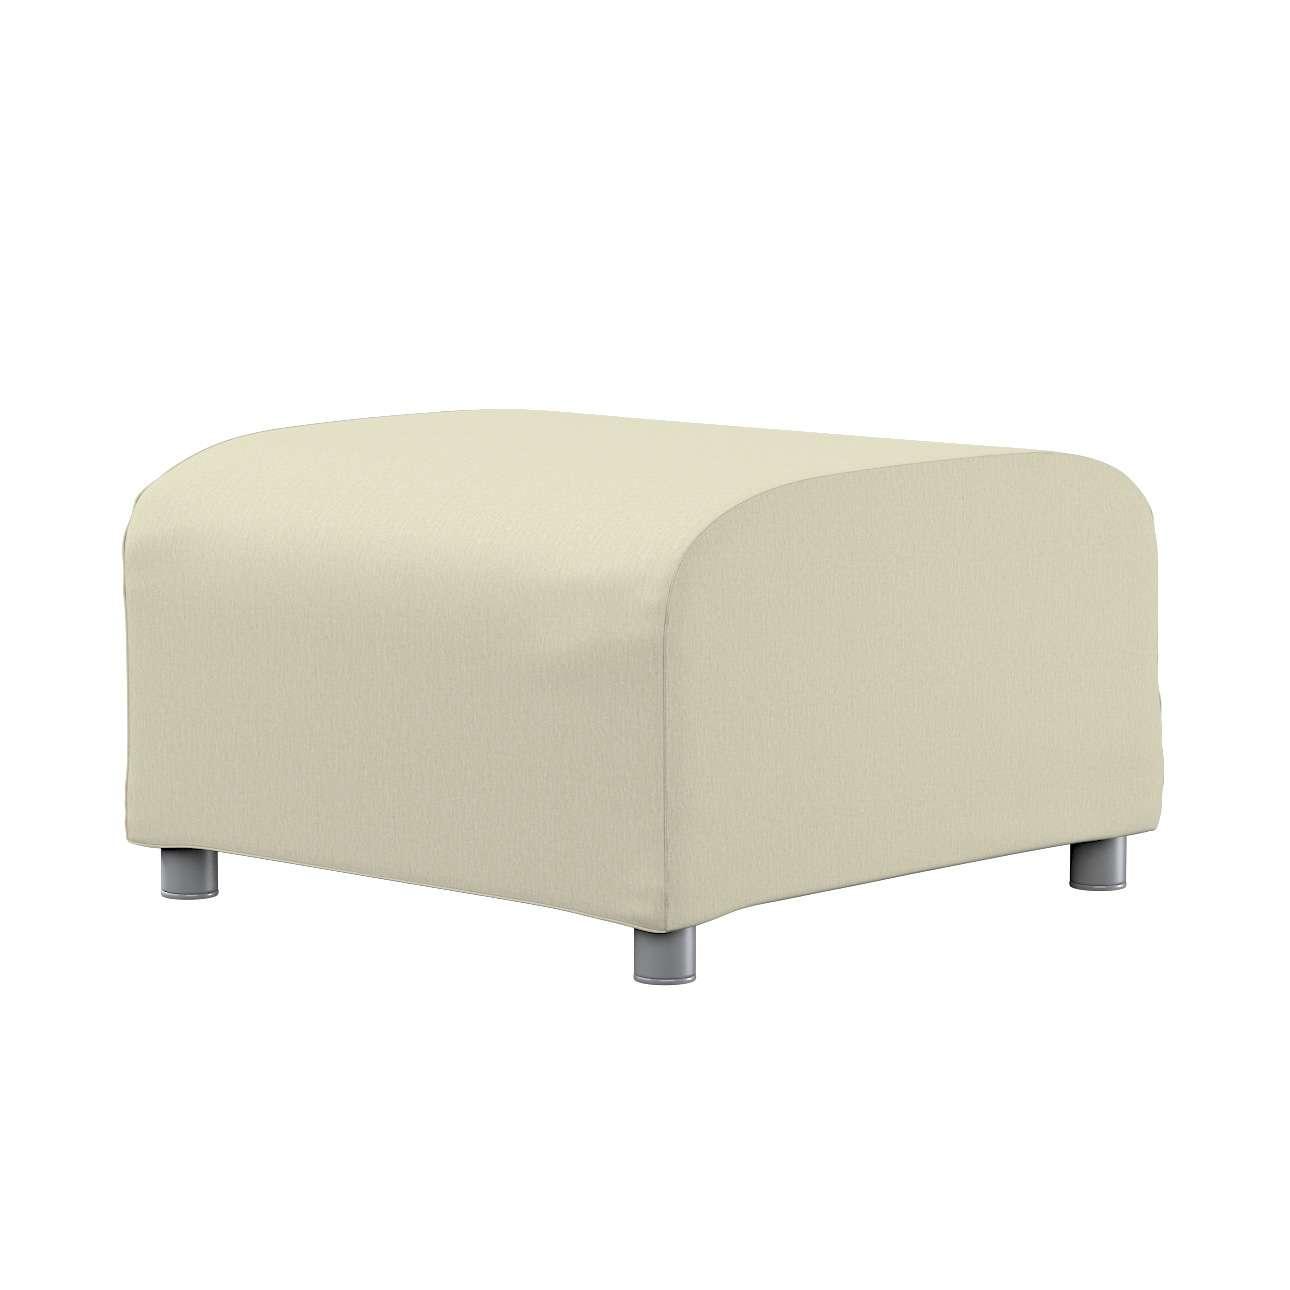 KLIPPAN pufo užvalkalas Klippan footstool cover kolekcijoje Chenille, audinys: 702-22